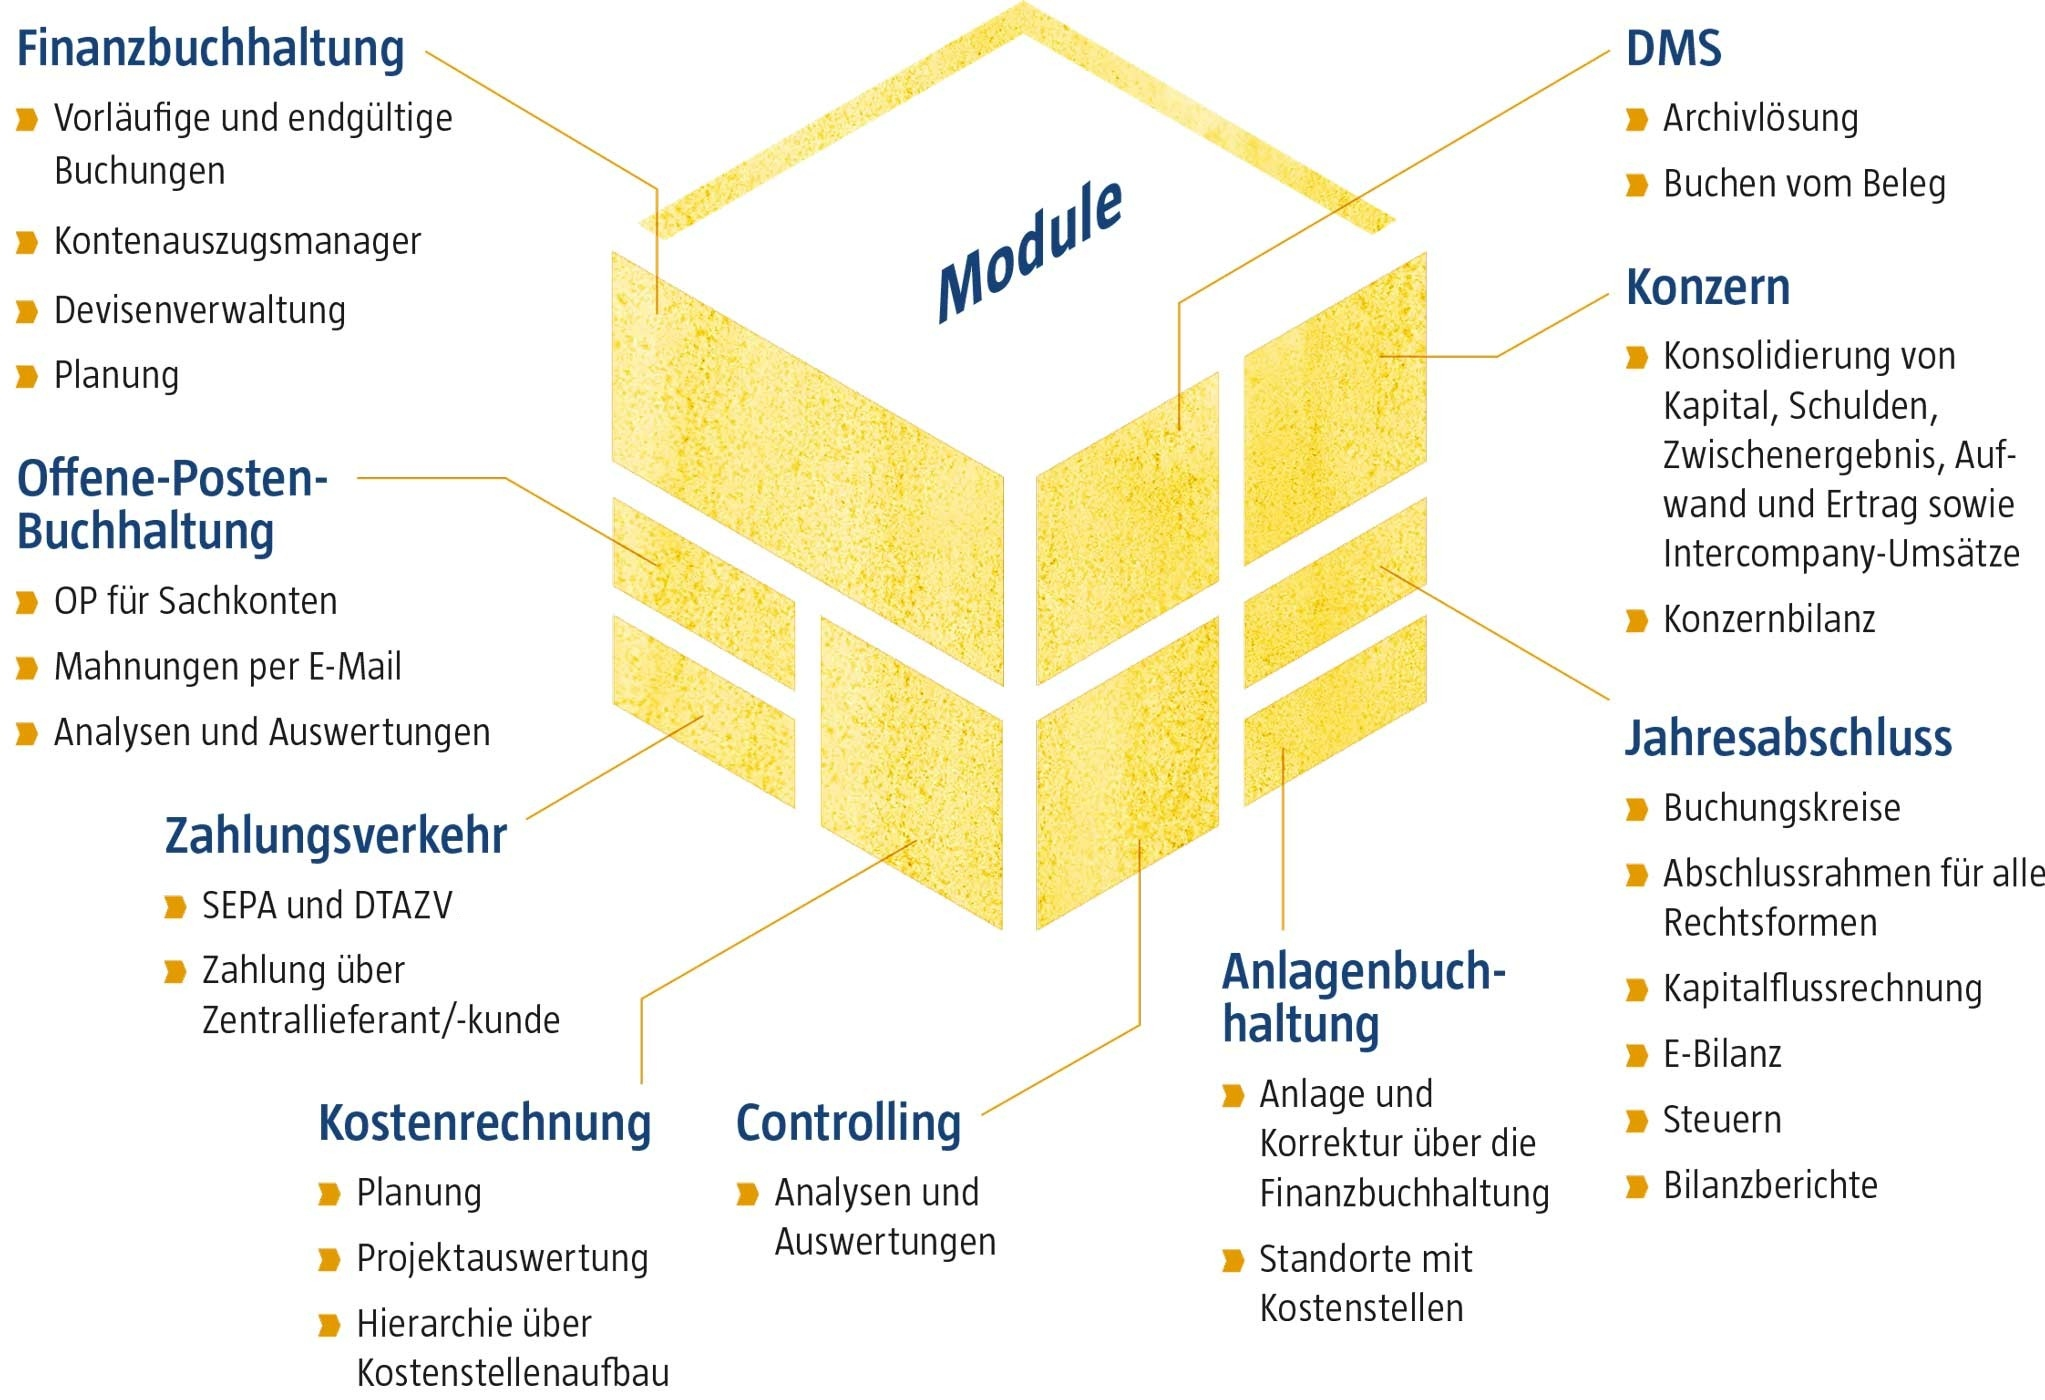 KNIGGE Beratung - Vertrieb - Support